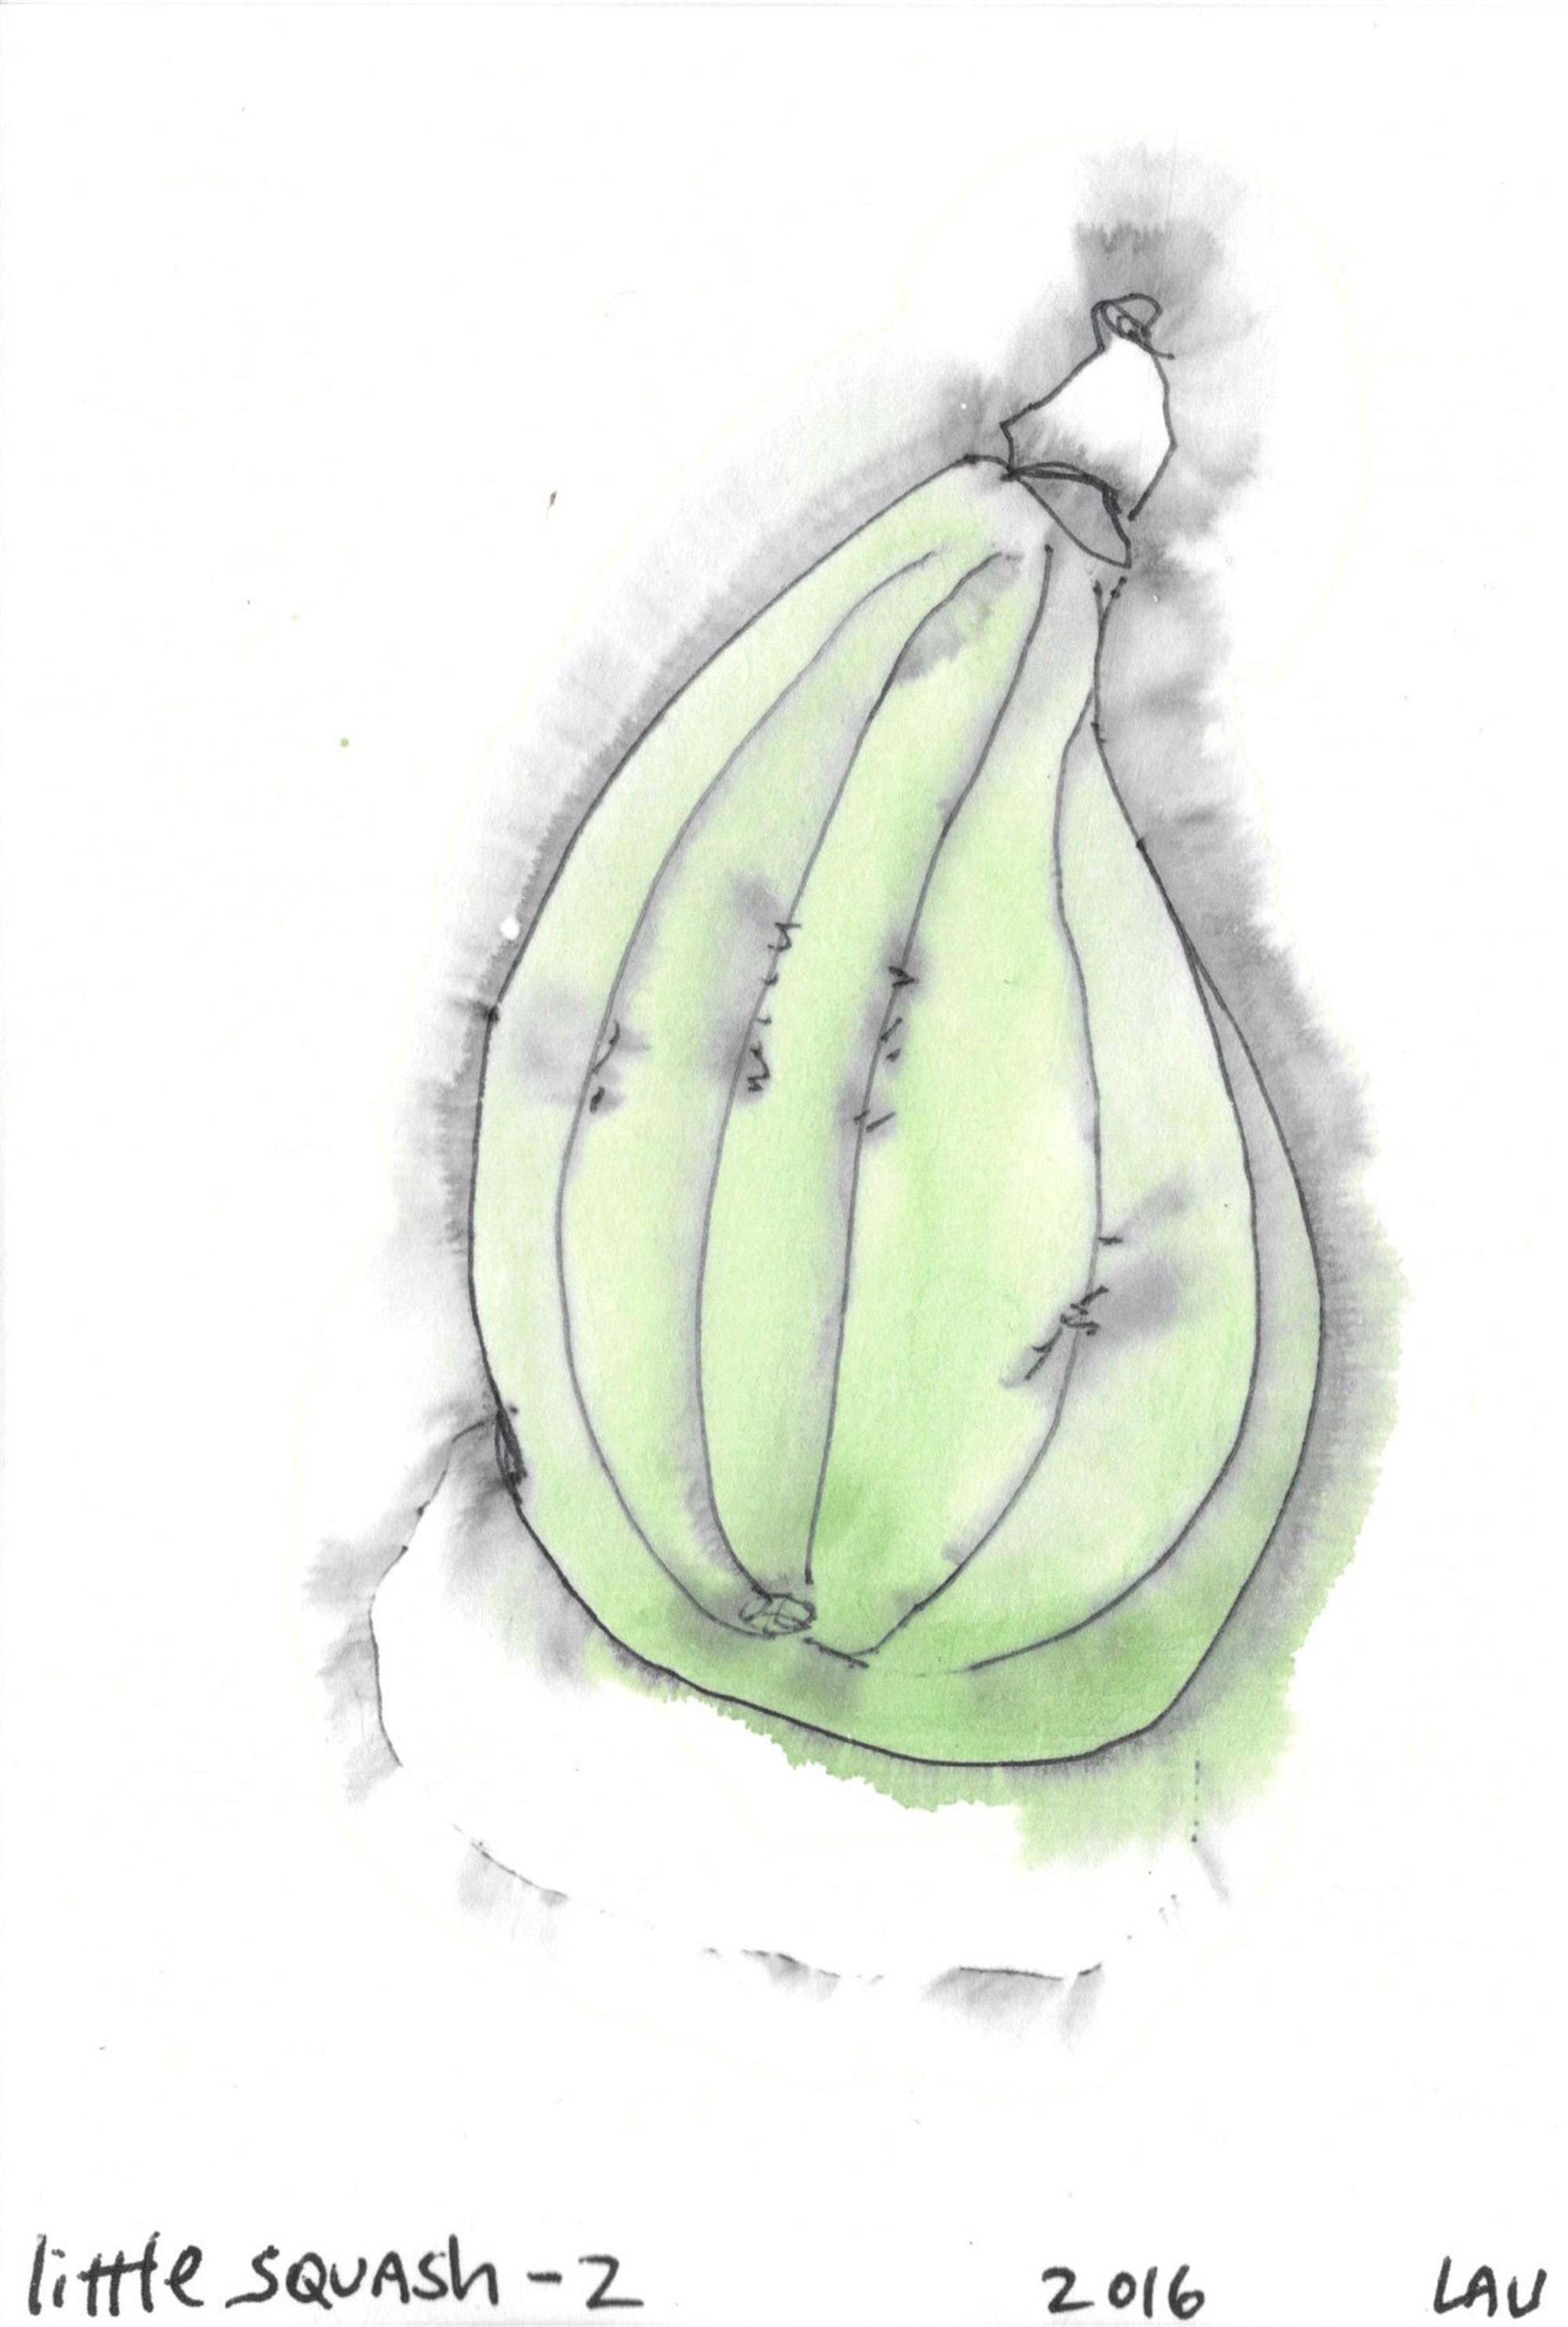 little squash #2 by Alan Lau